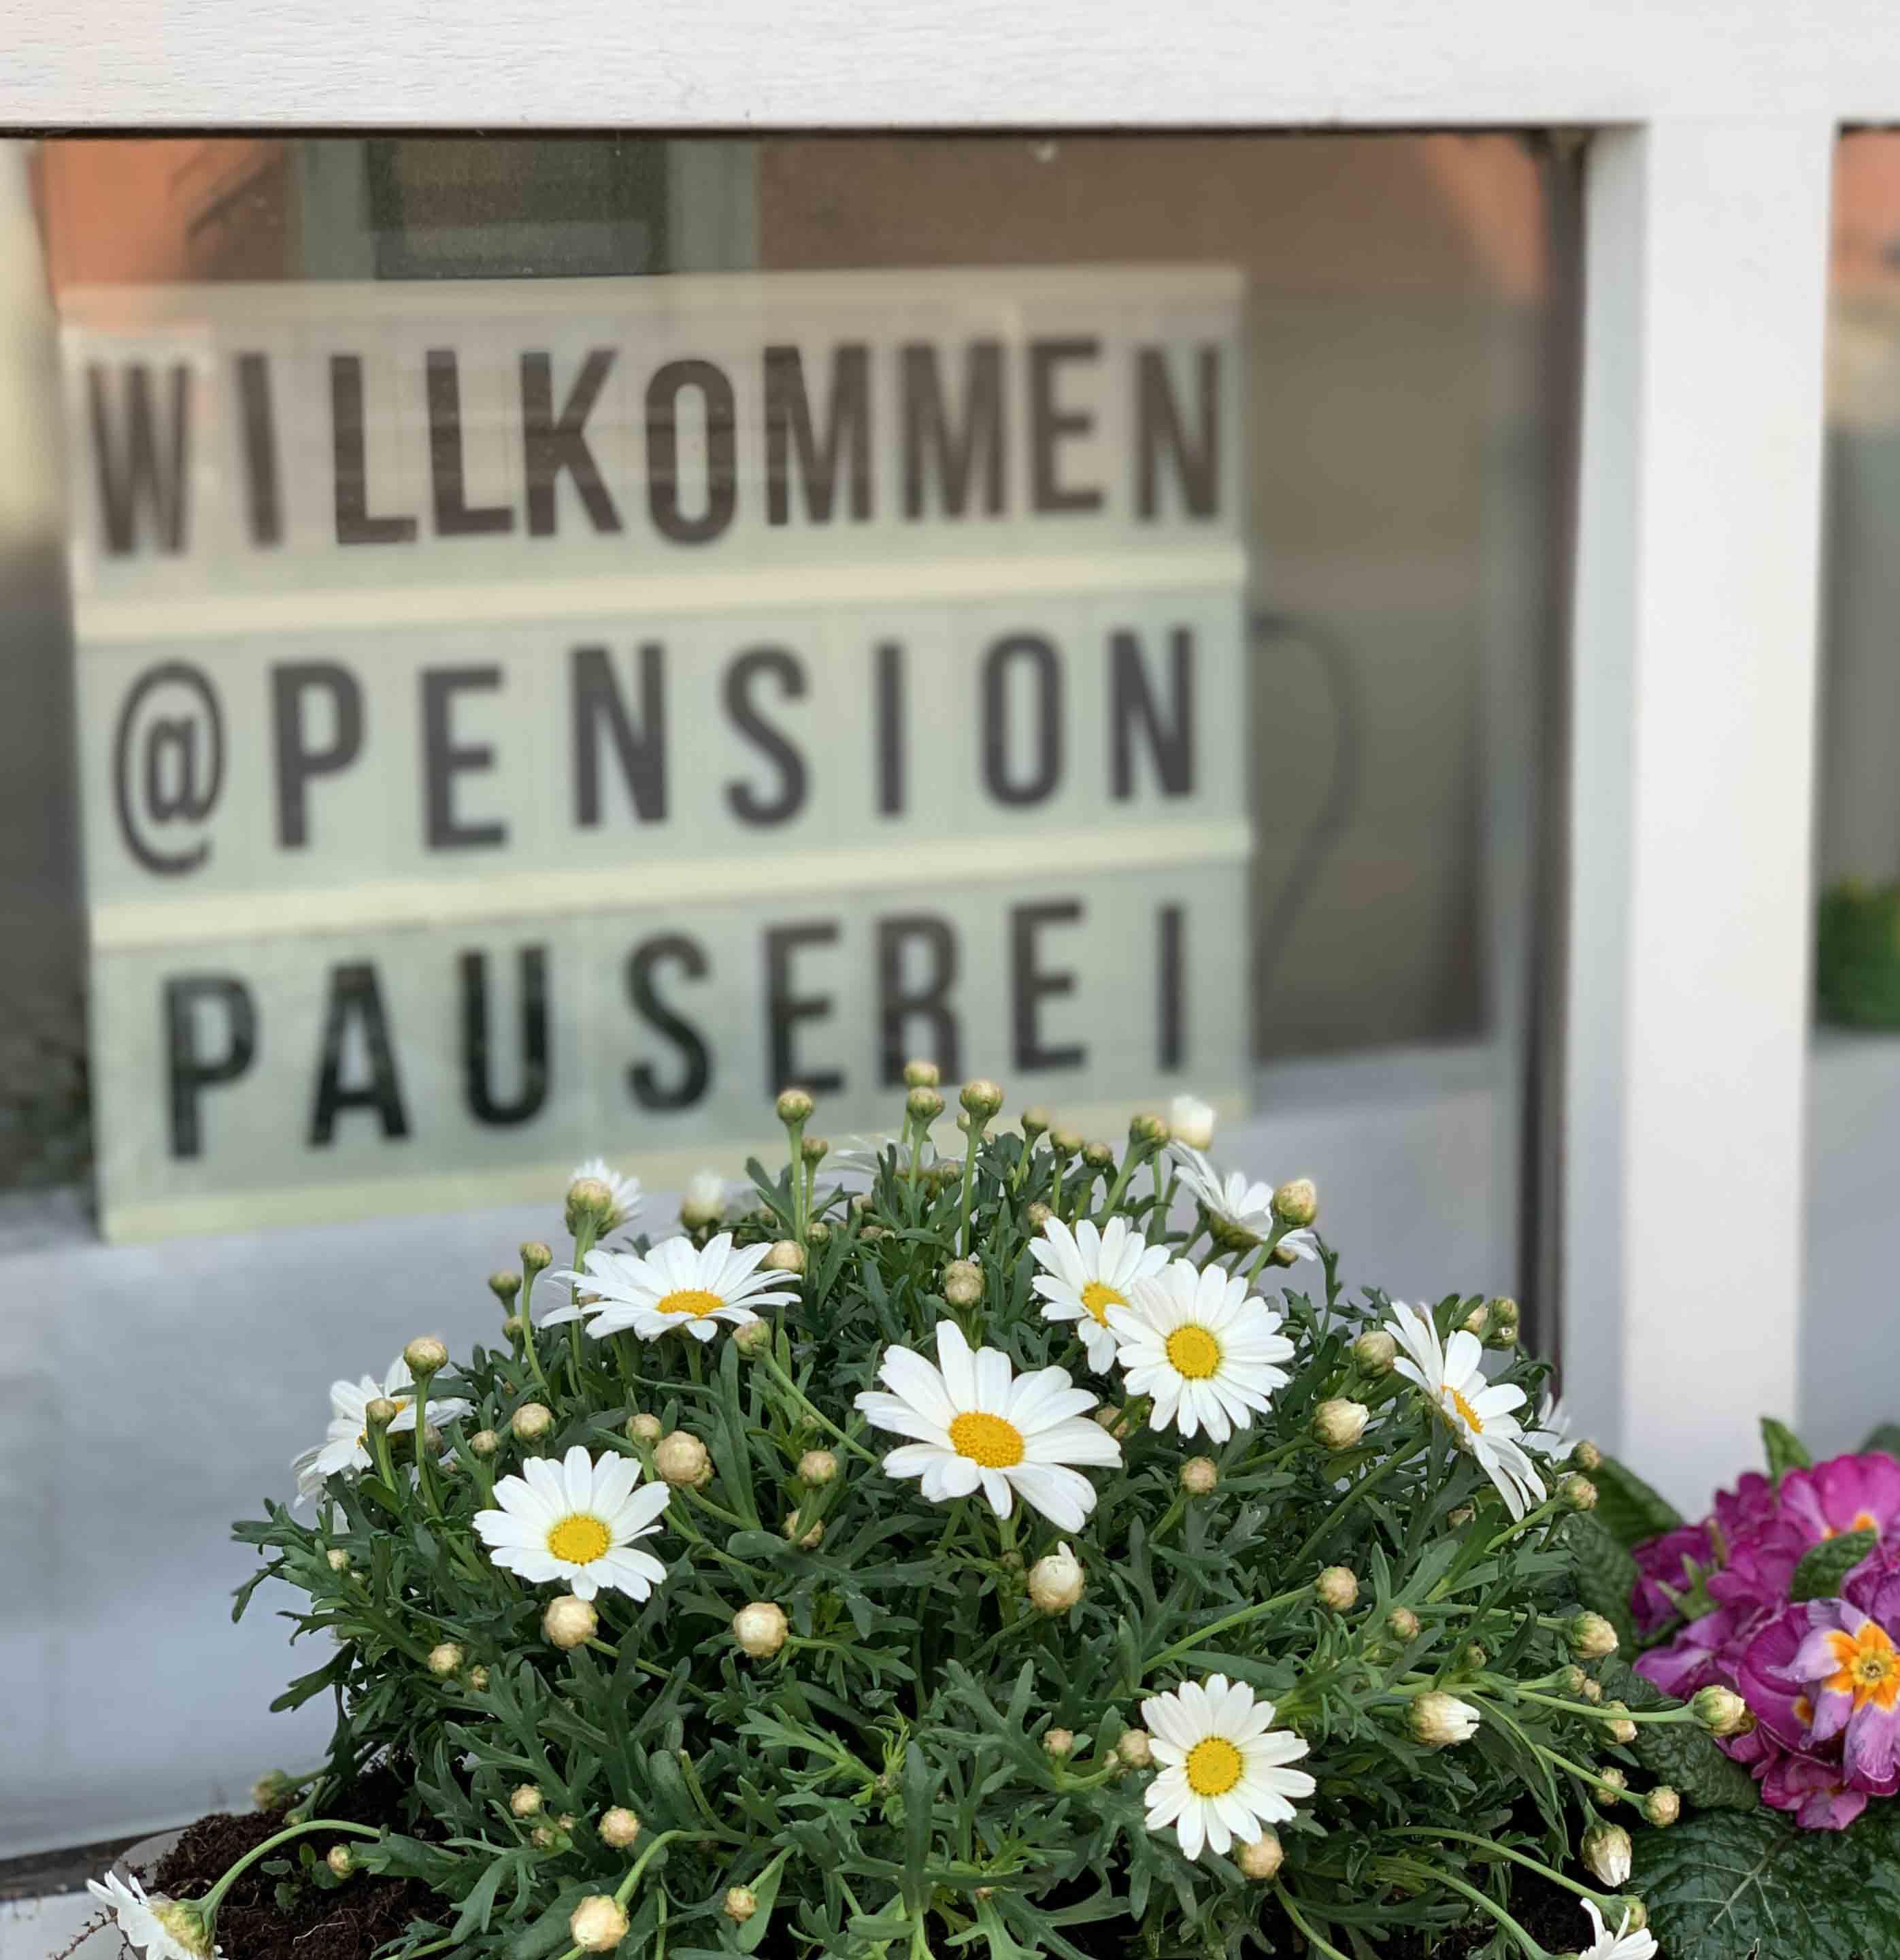 Willkommen, Pension Pauserei